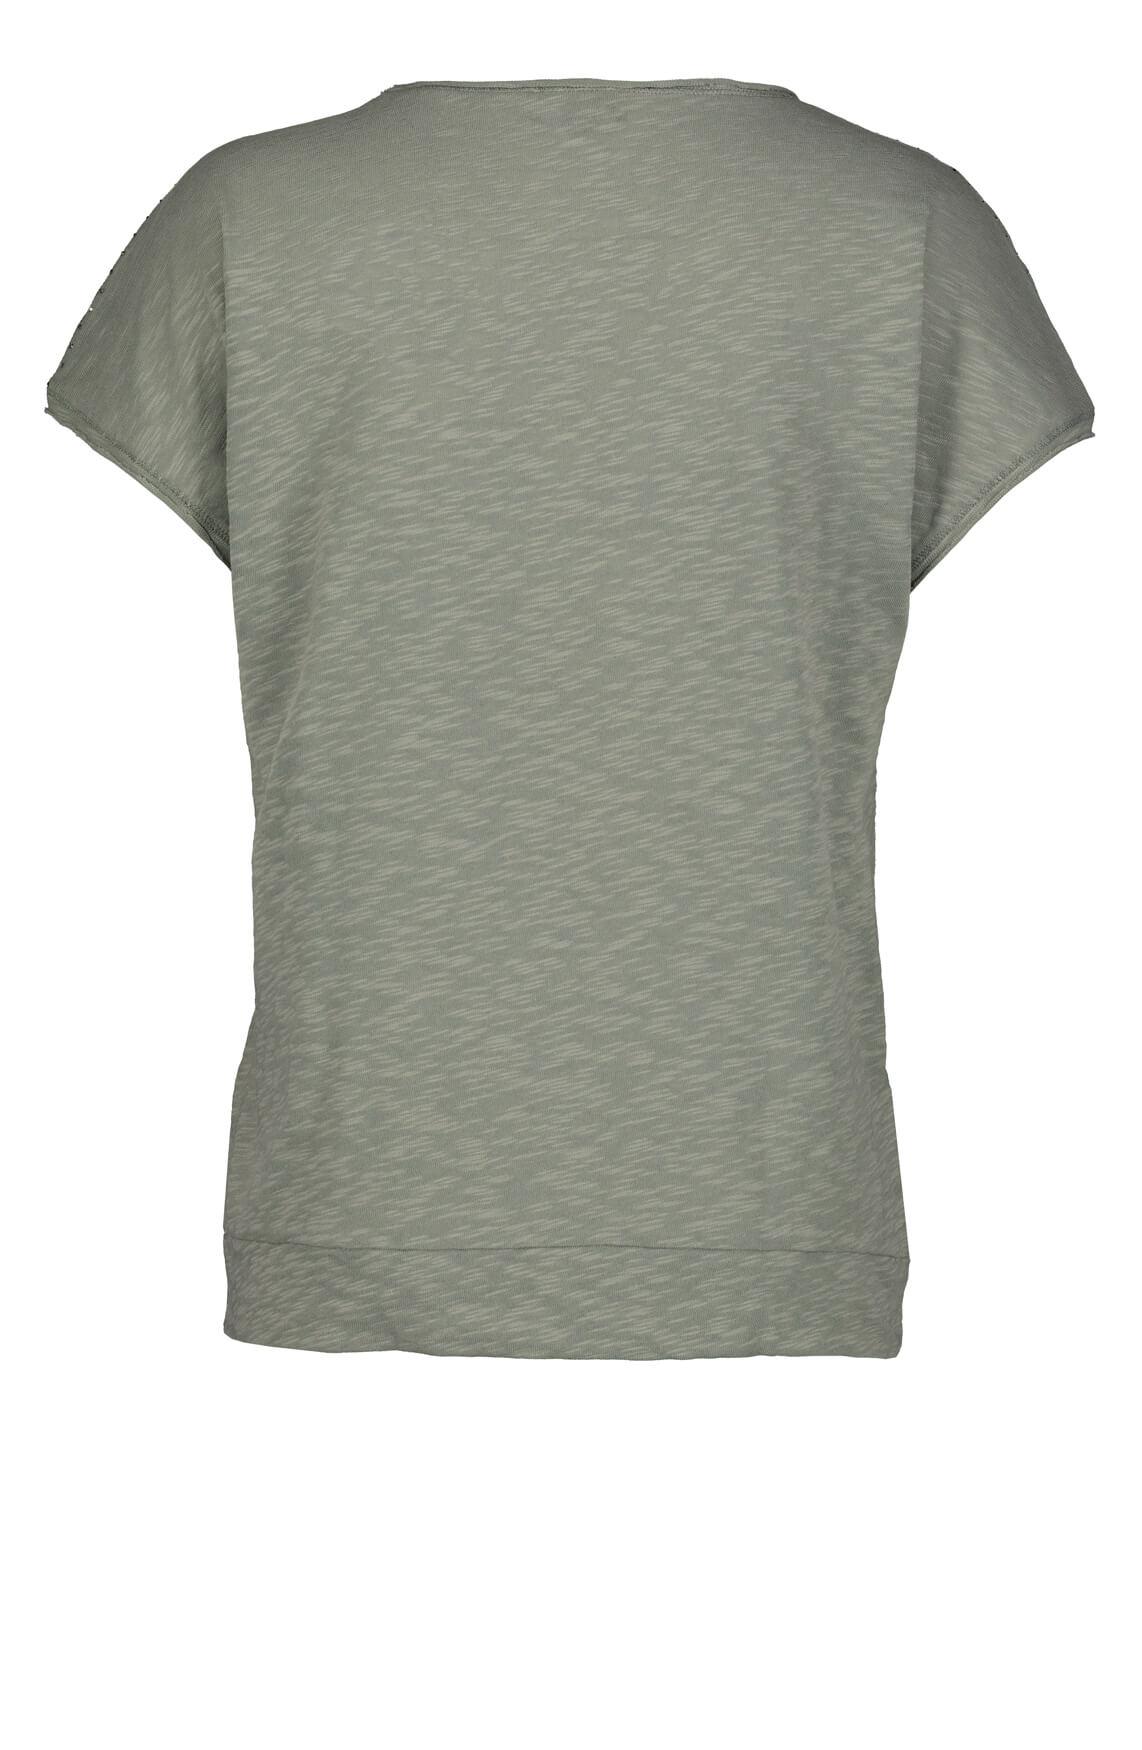 Monari Dames Shirt Grijs